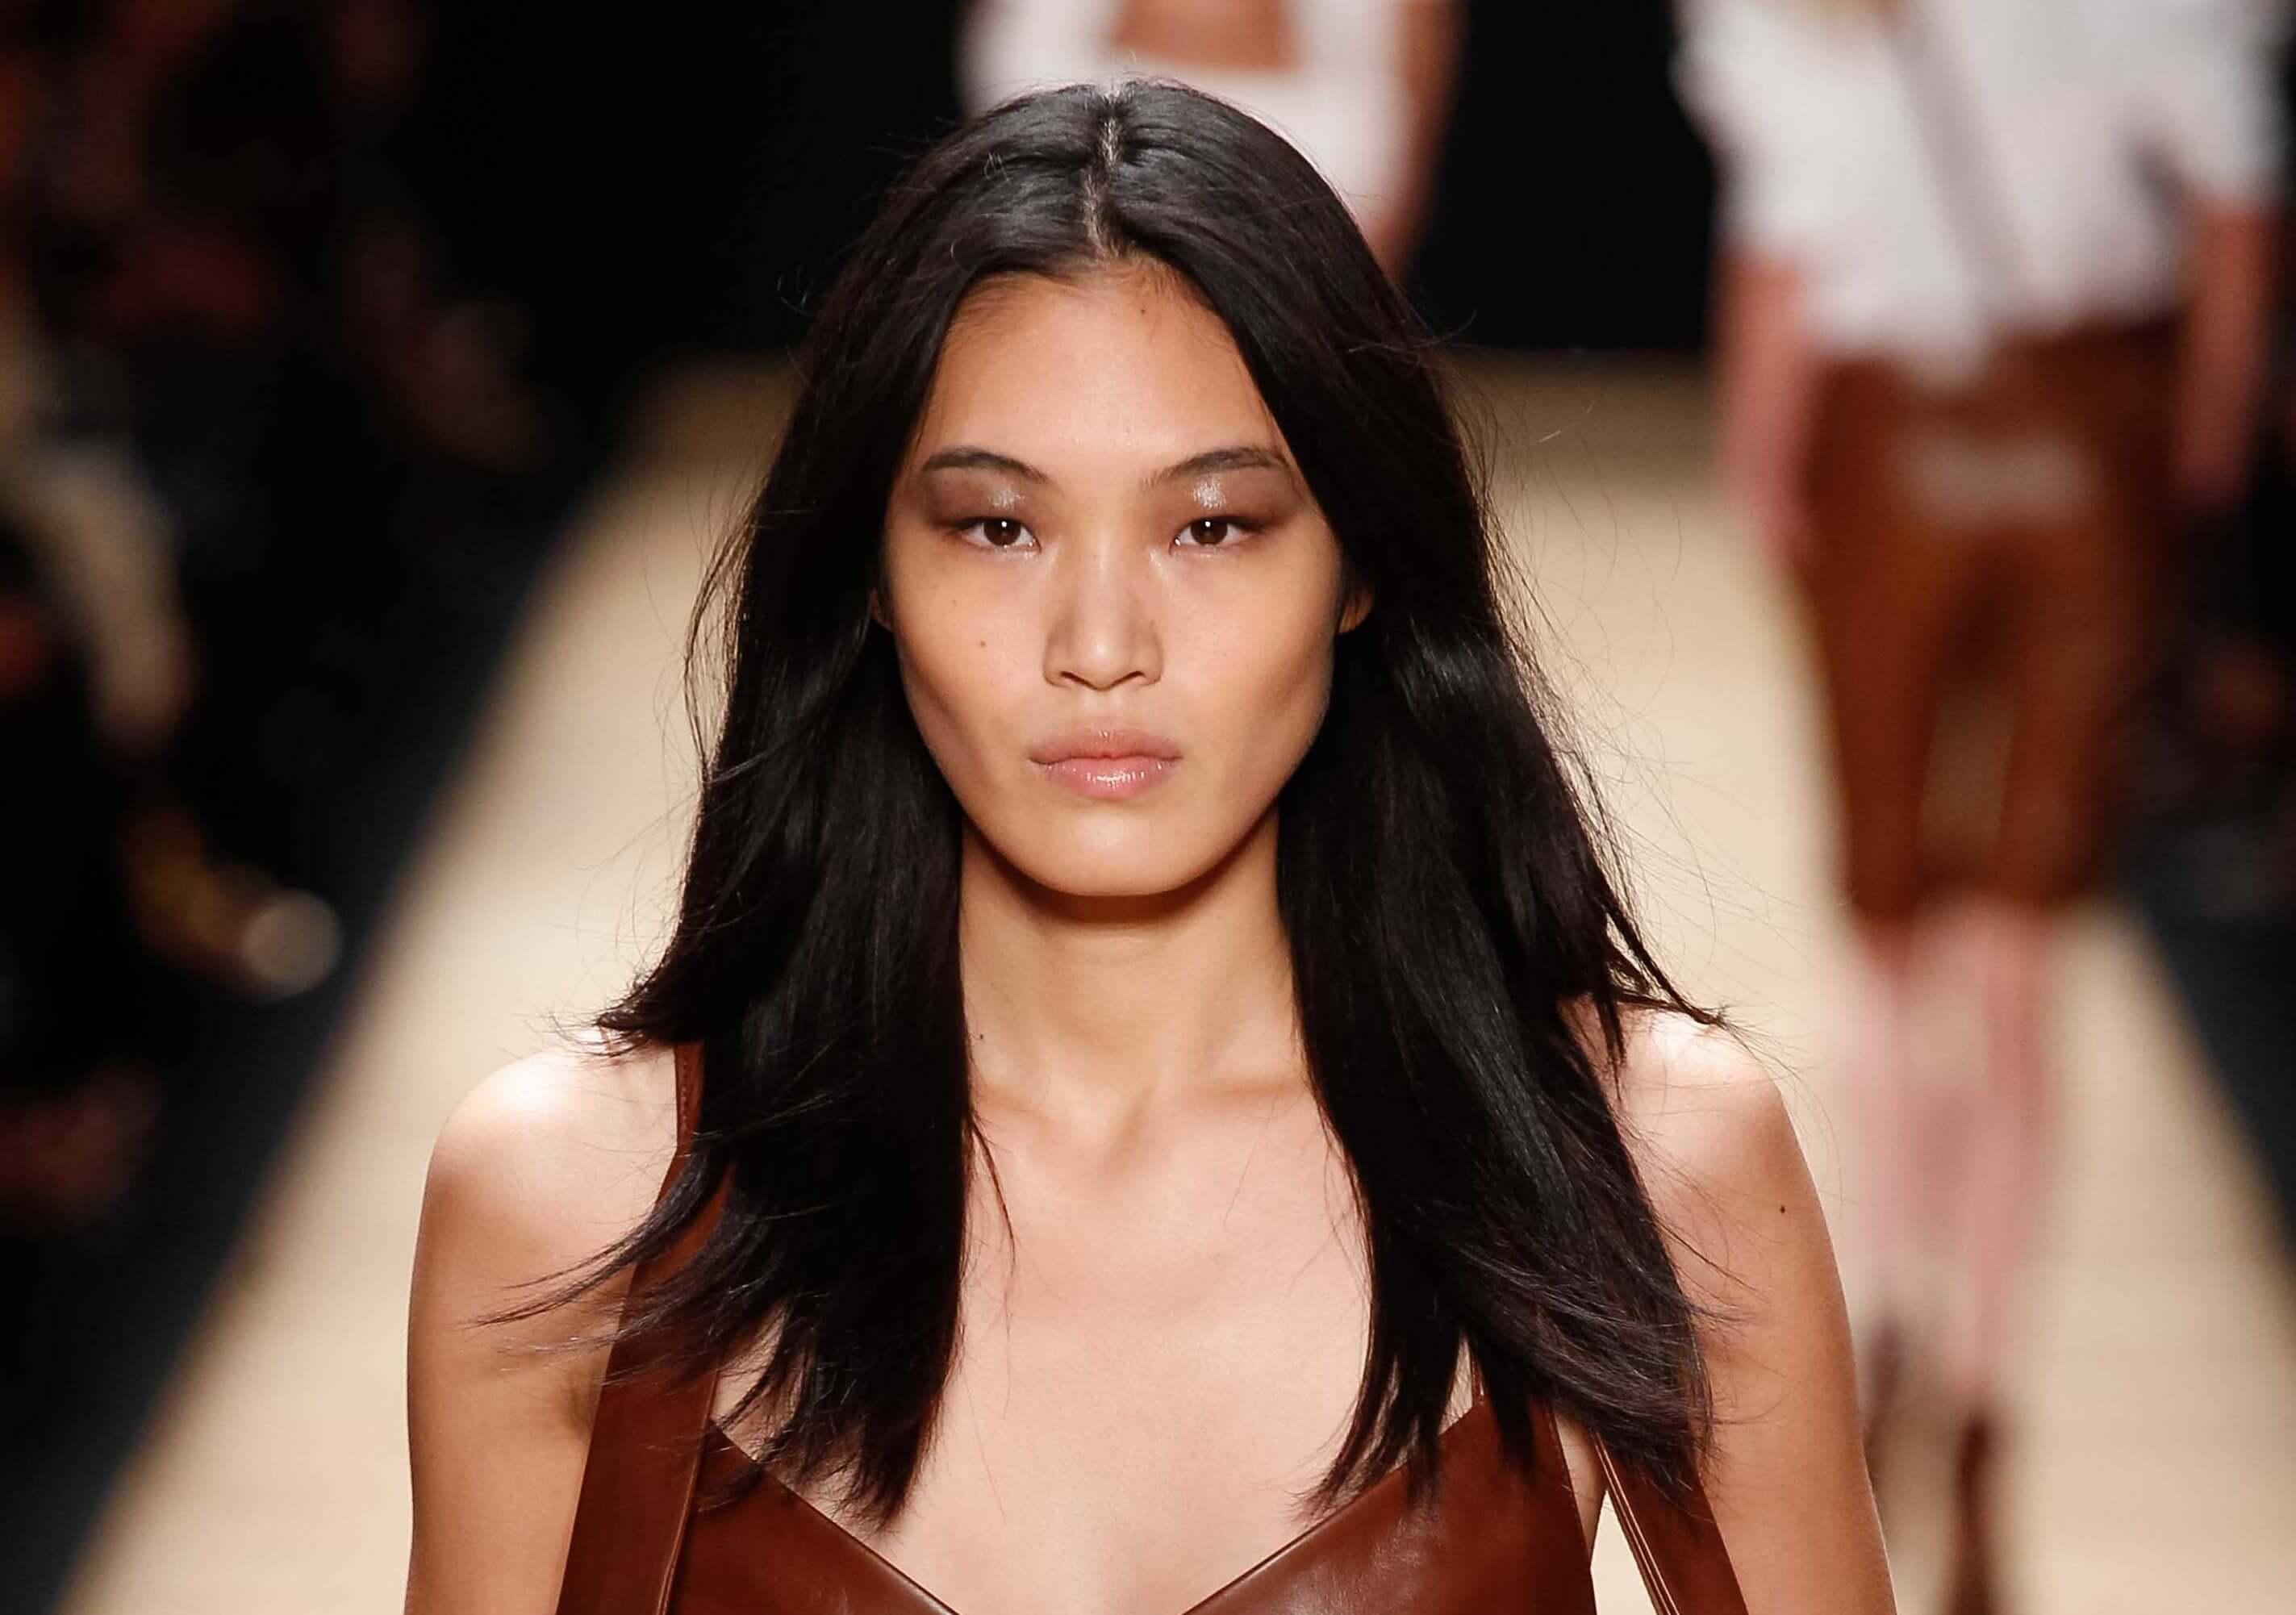 Coiffures asiatiques : Femme asiatique avec des cheveux bruns foncés avec des couches sur la piste.